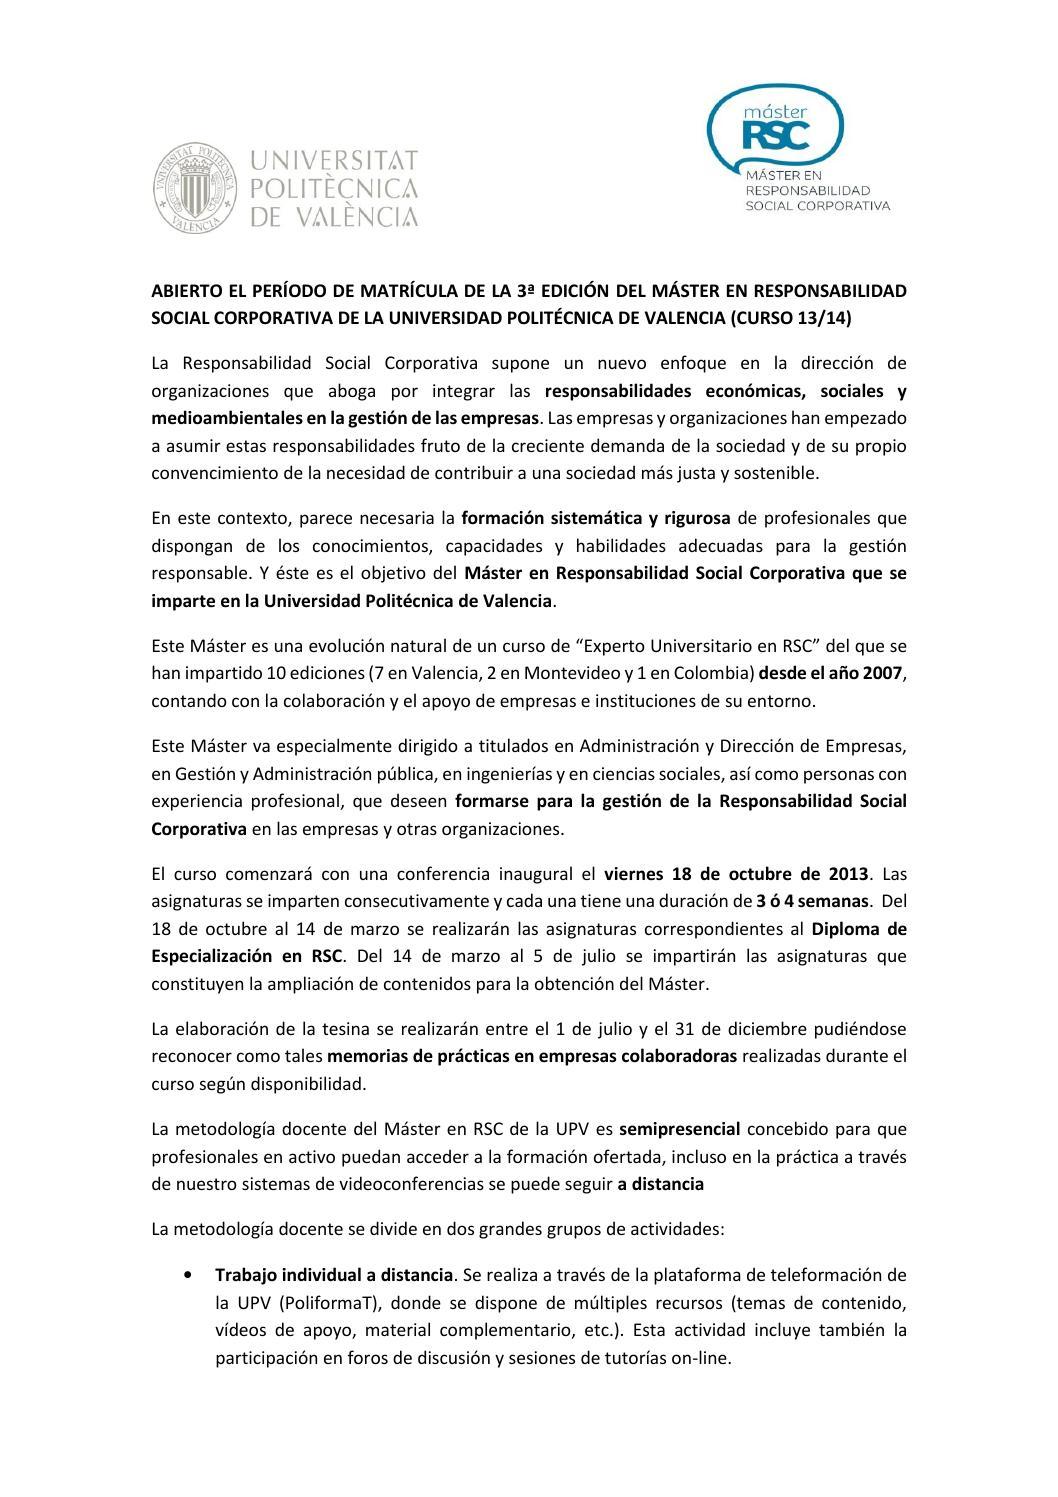 Nueva edici n del m ster en rsc de la universidad for Universidad valencia master